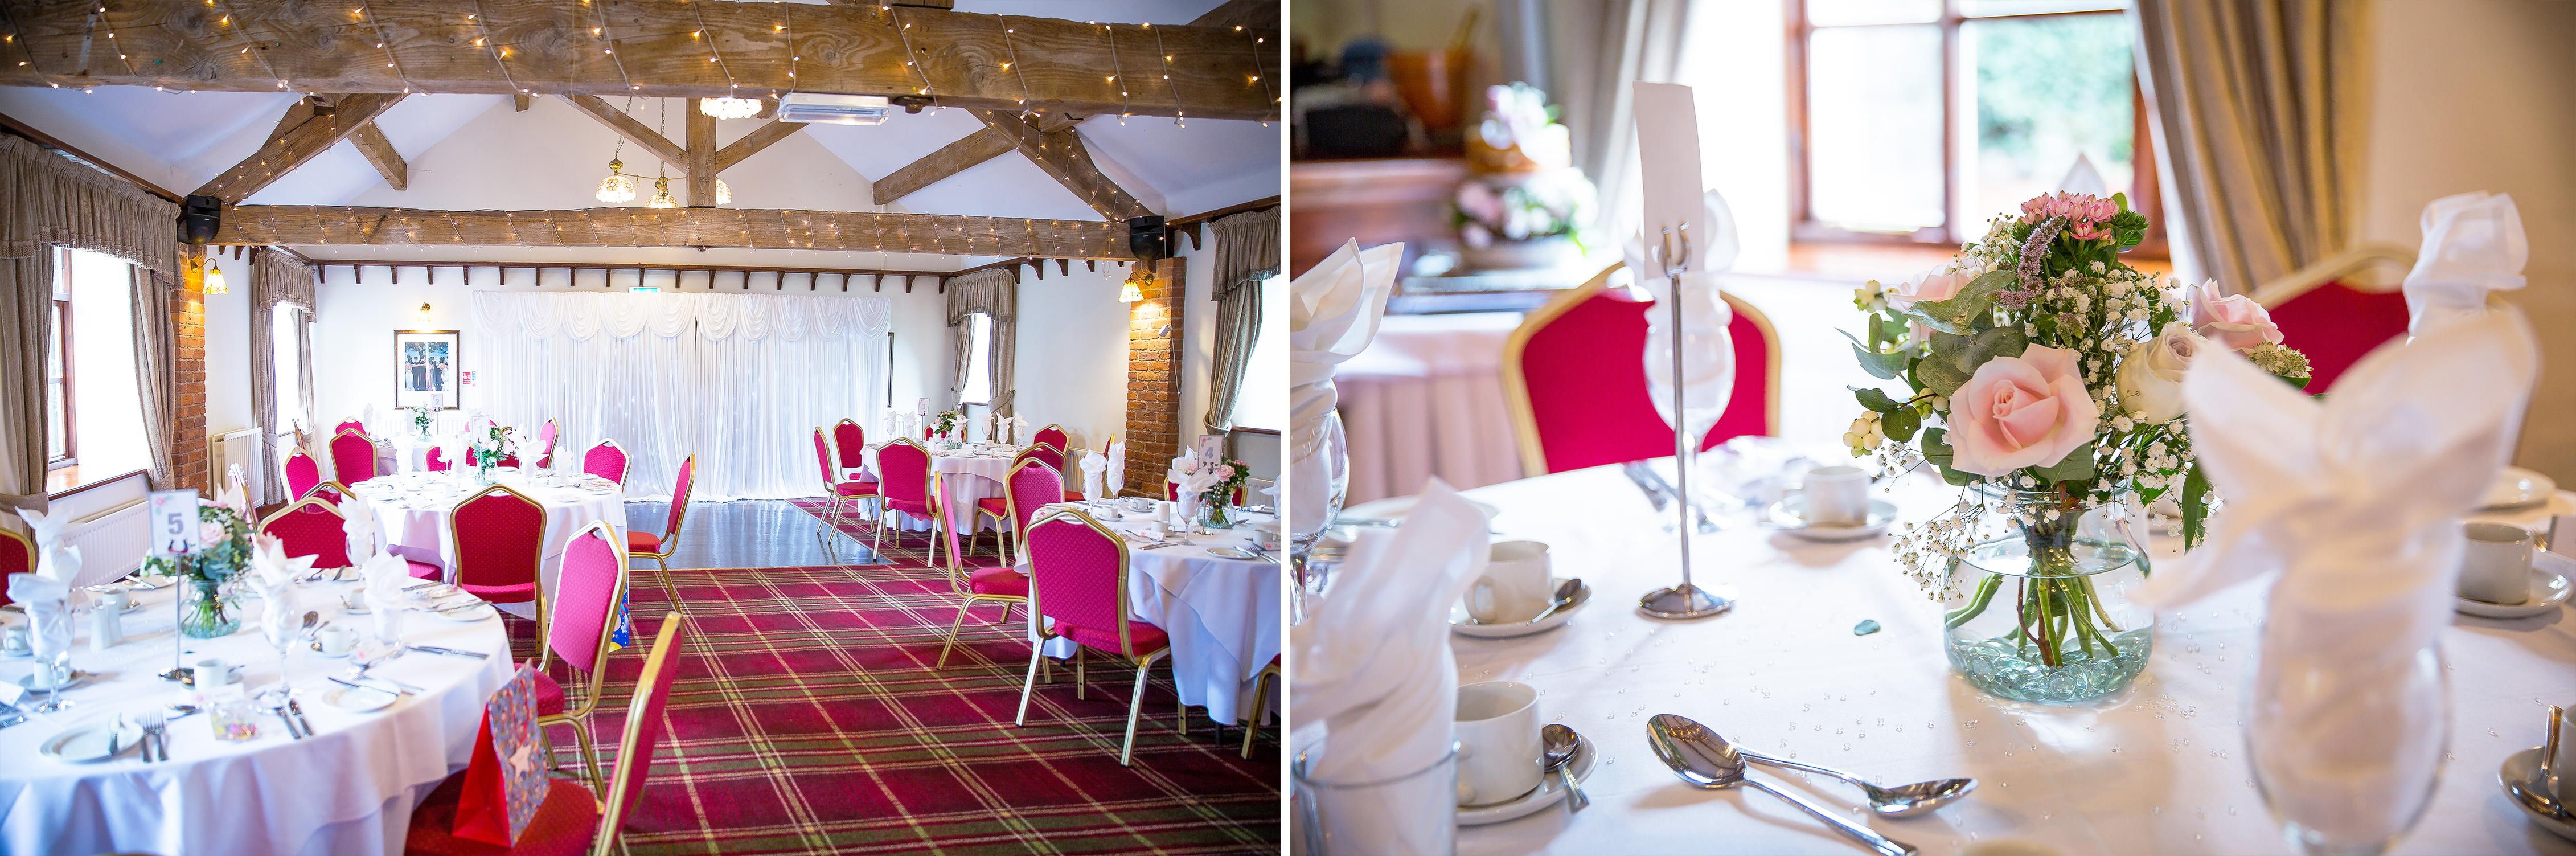 Slaters Country Inn - Wedding Breakfast Suite